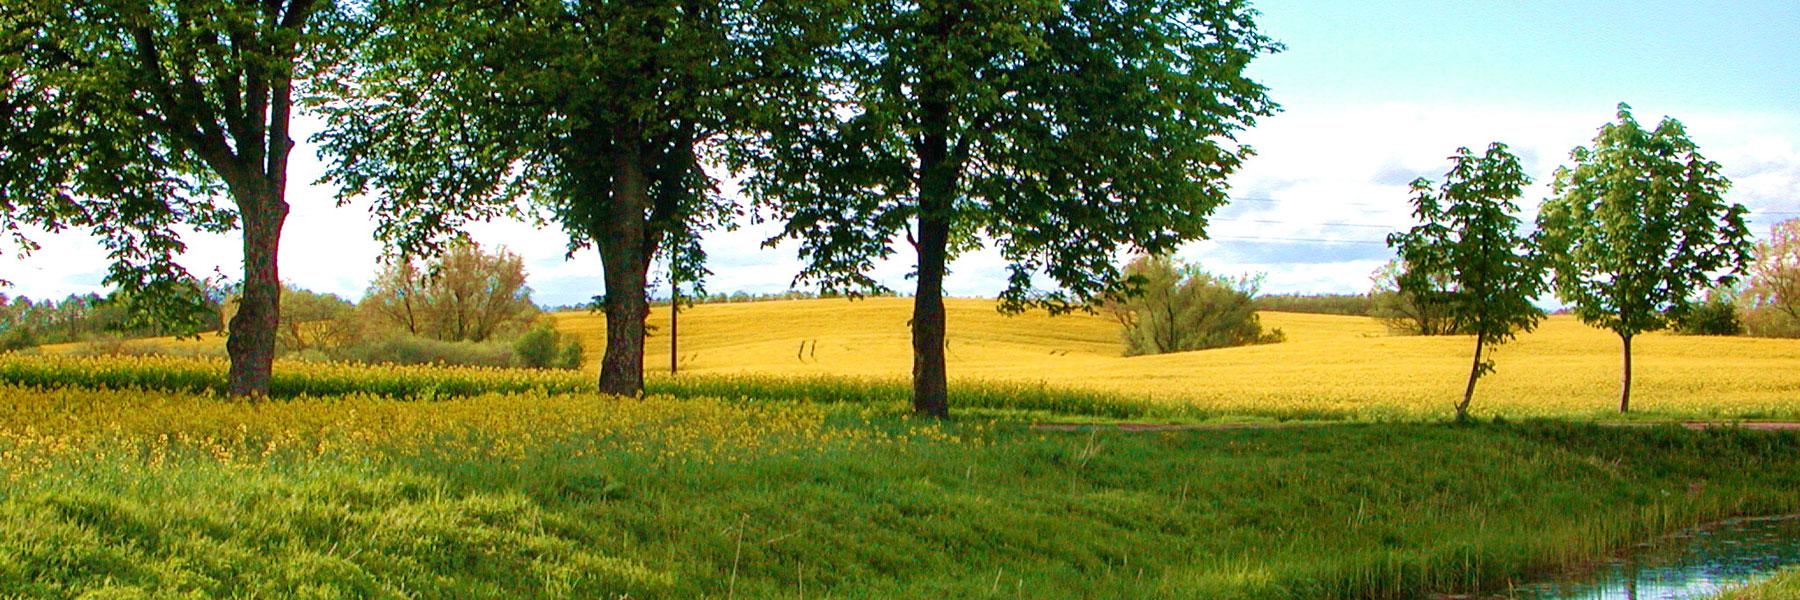 Landschaft - KIWI Ferienwohnungen am Dreier See